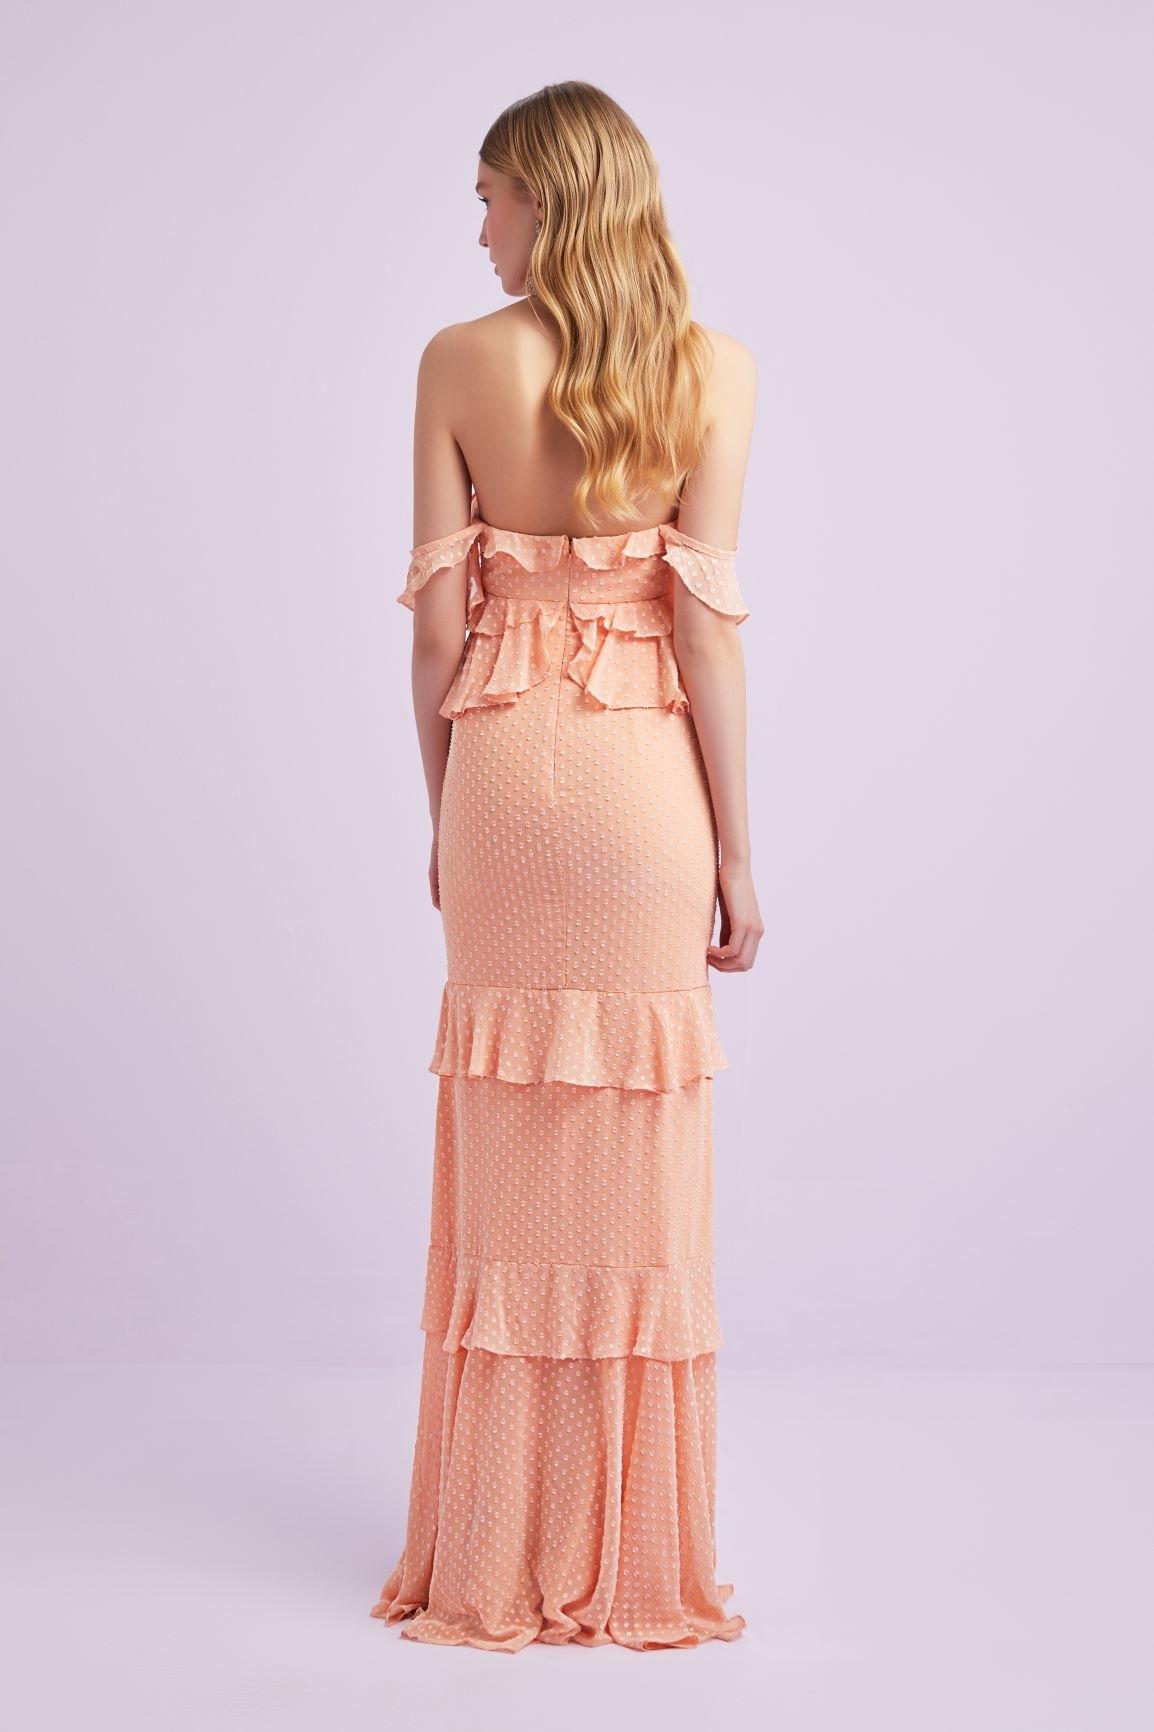 Yavruağzı Askılı Fırfırlı Şifon Uzun Elbise - Thumbnail